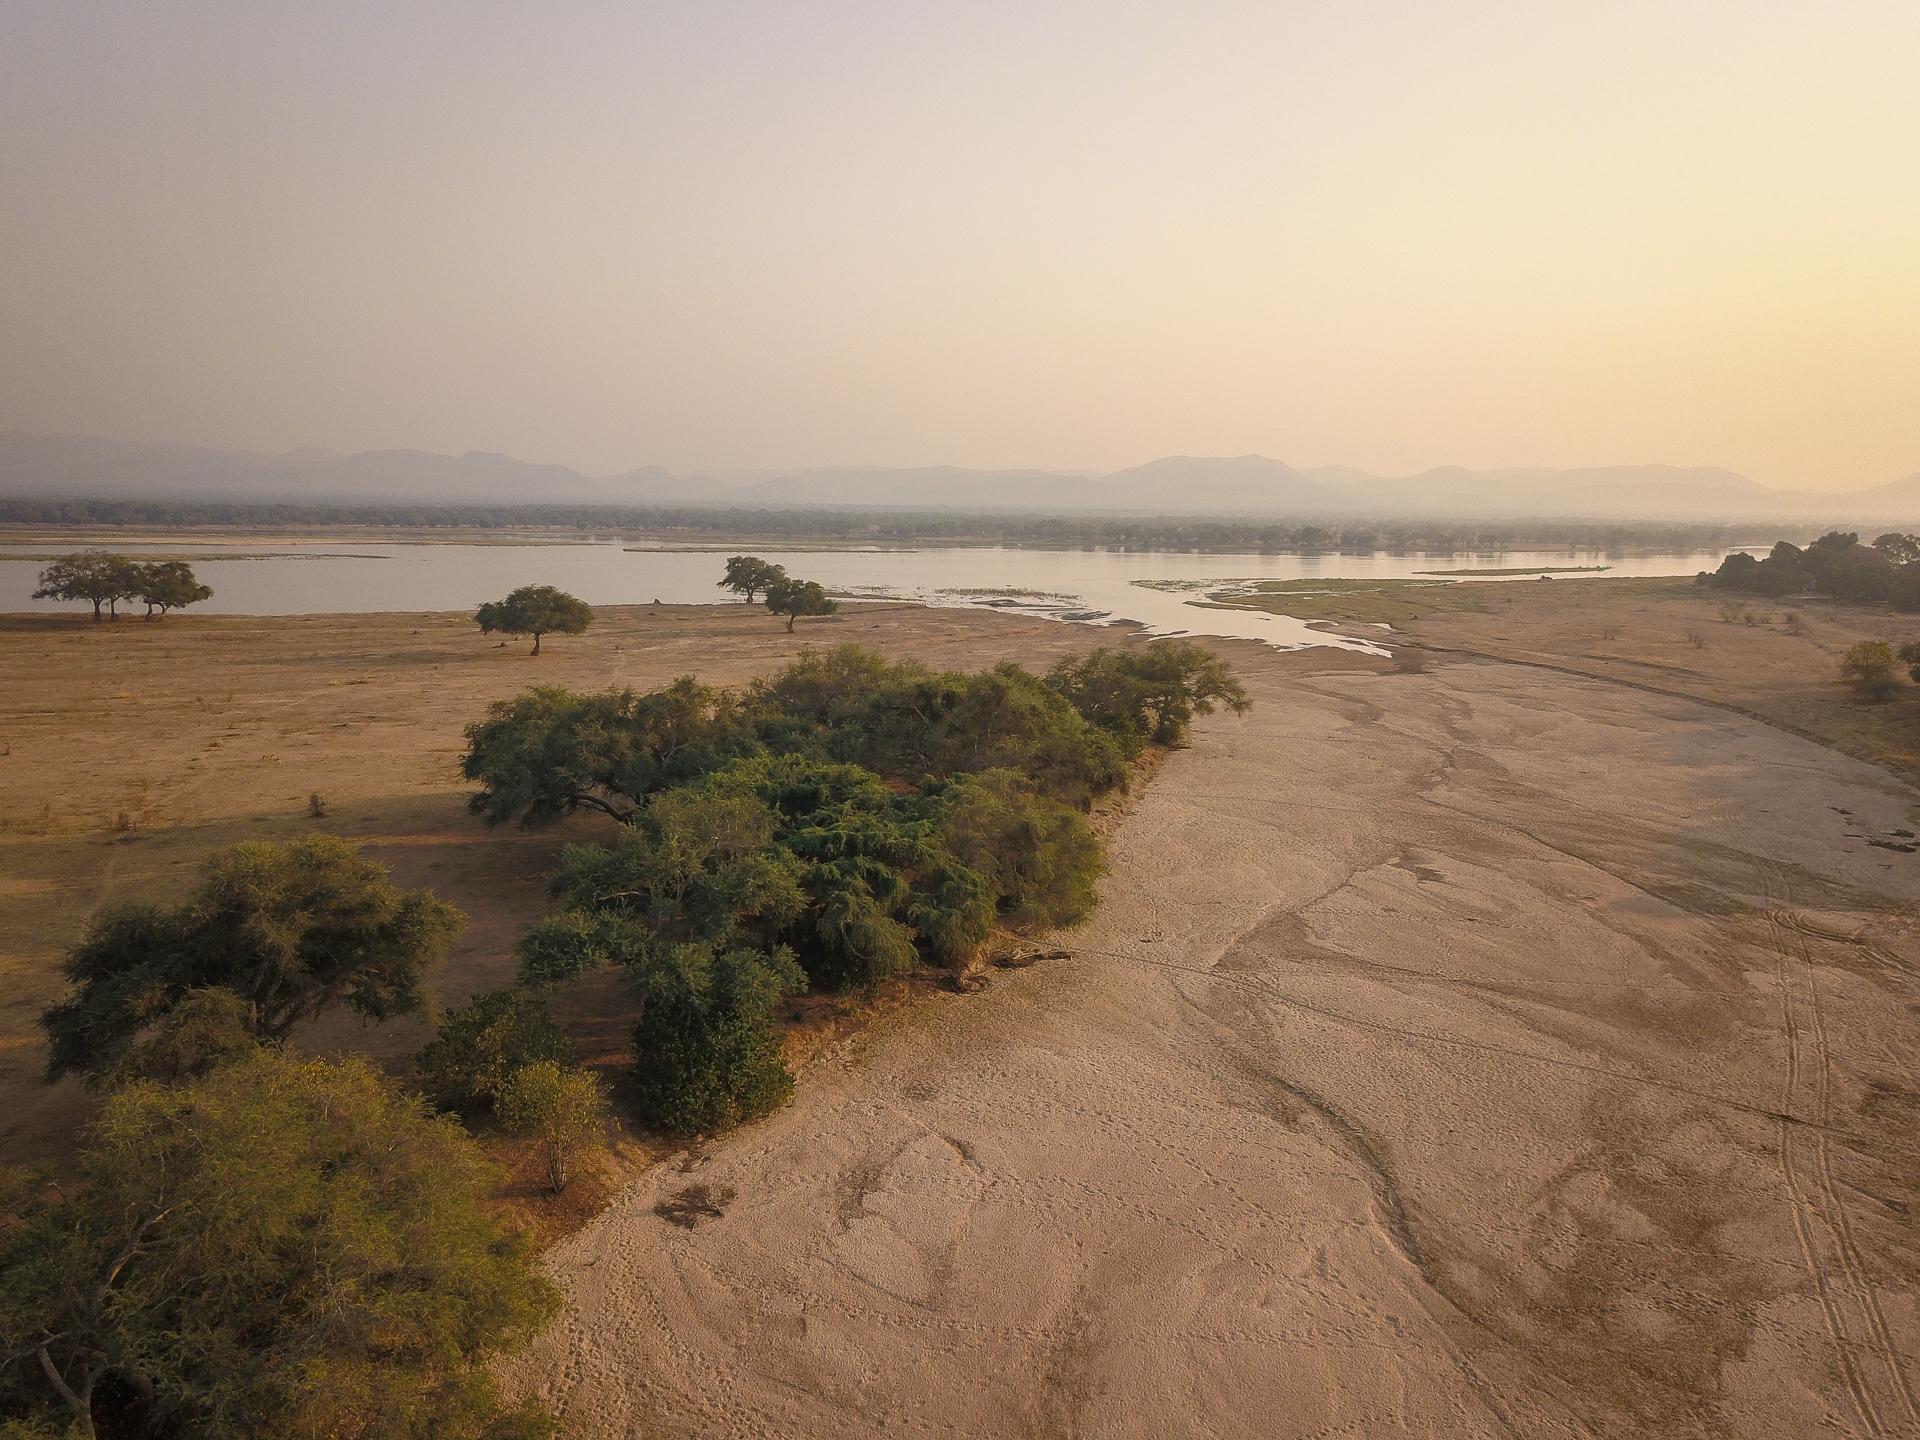 sapi_river_and_zambezi_view1-chikwenya-c